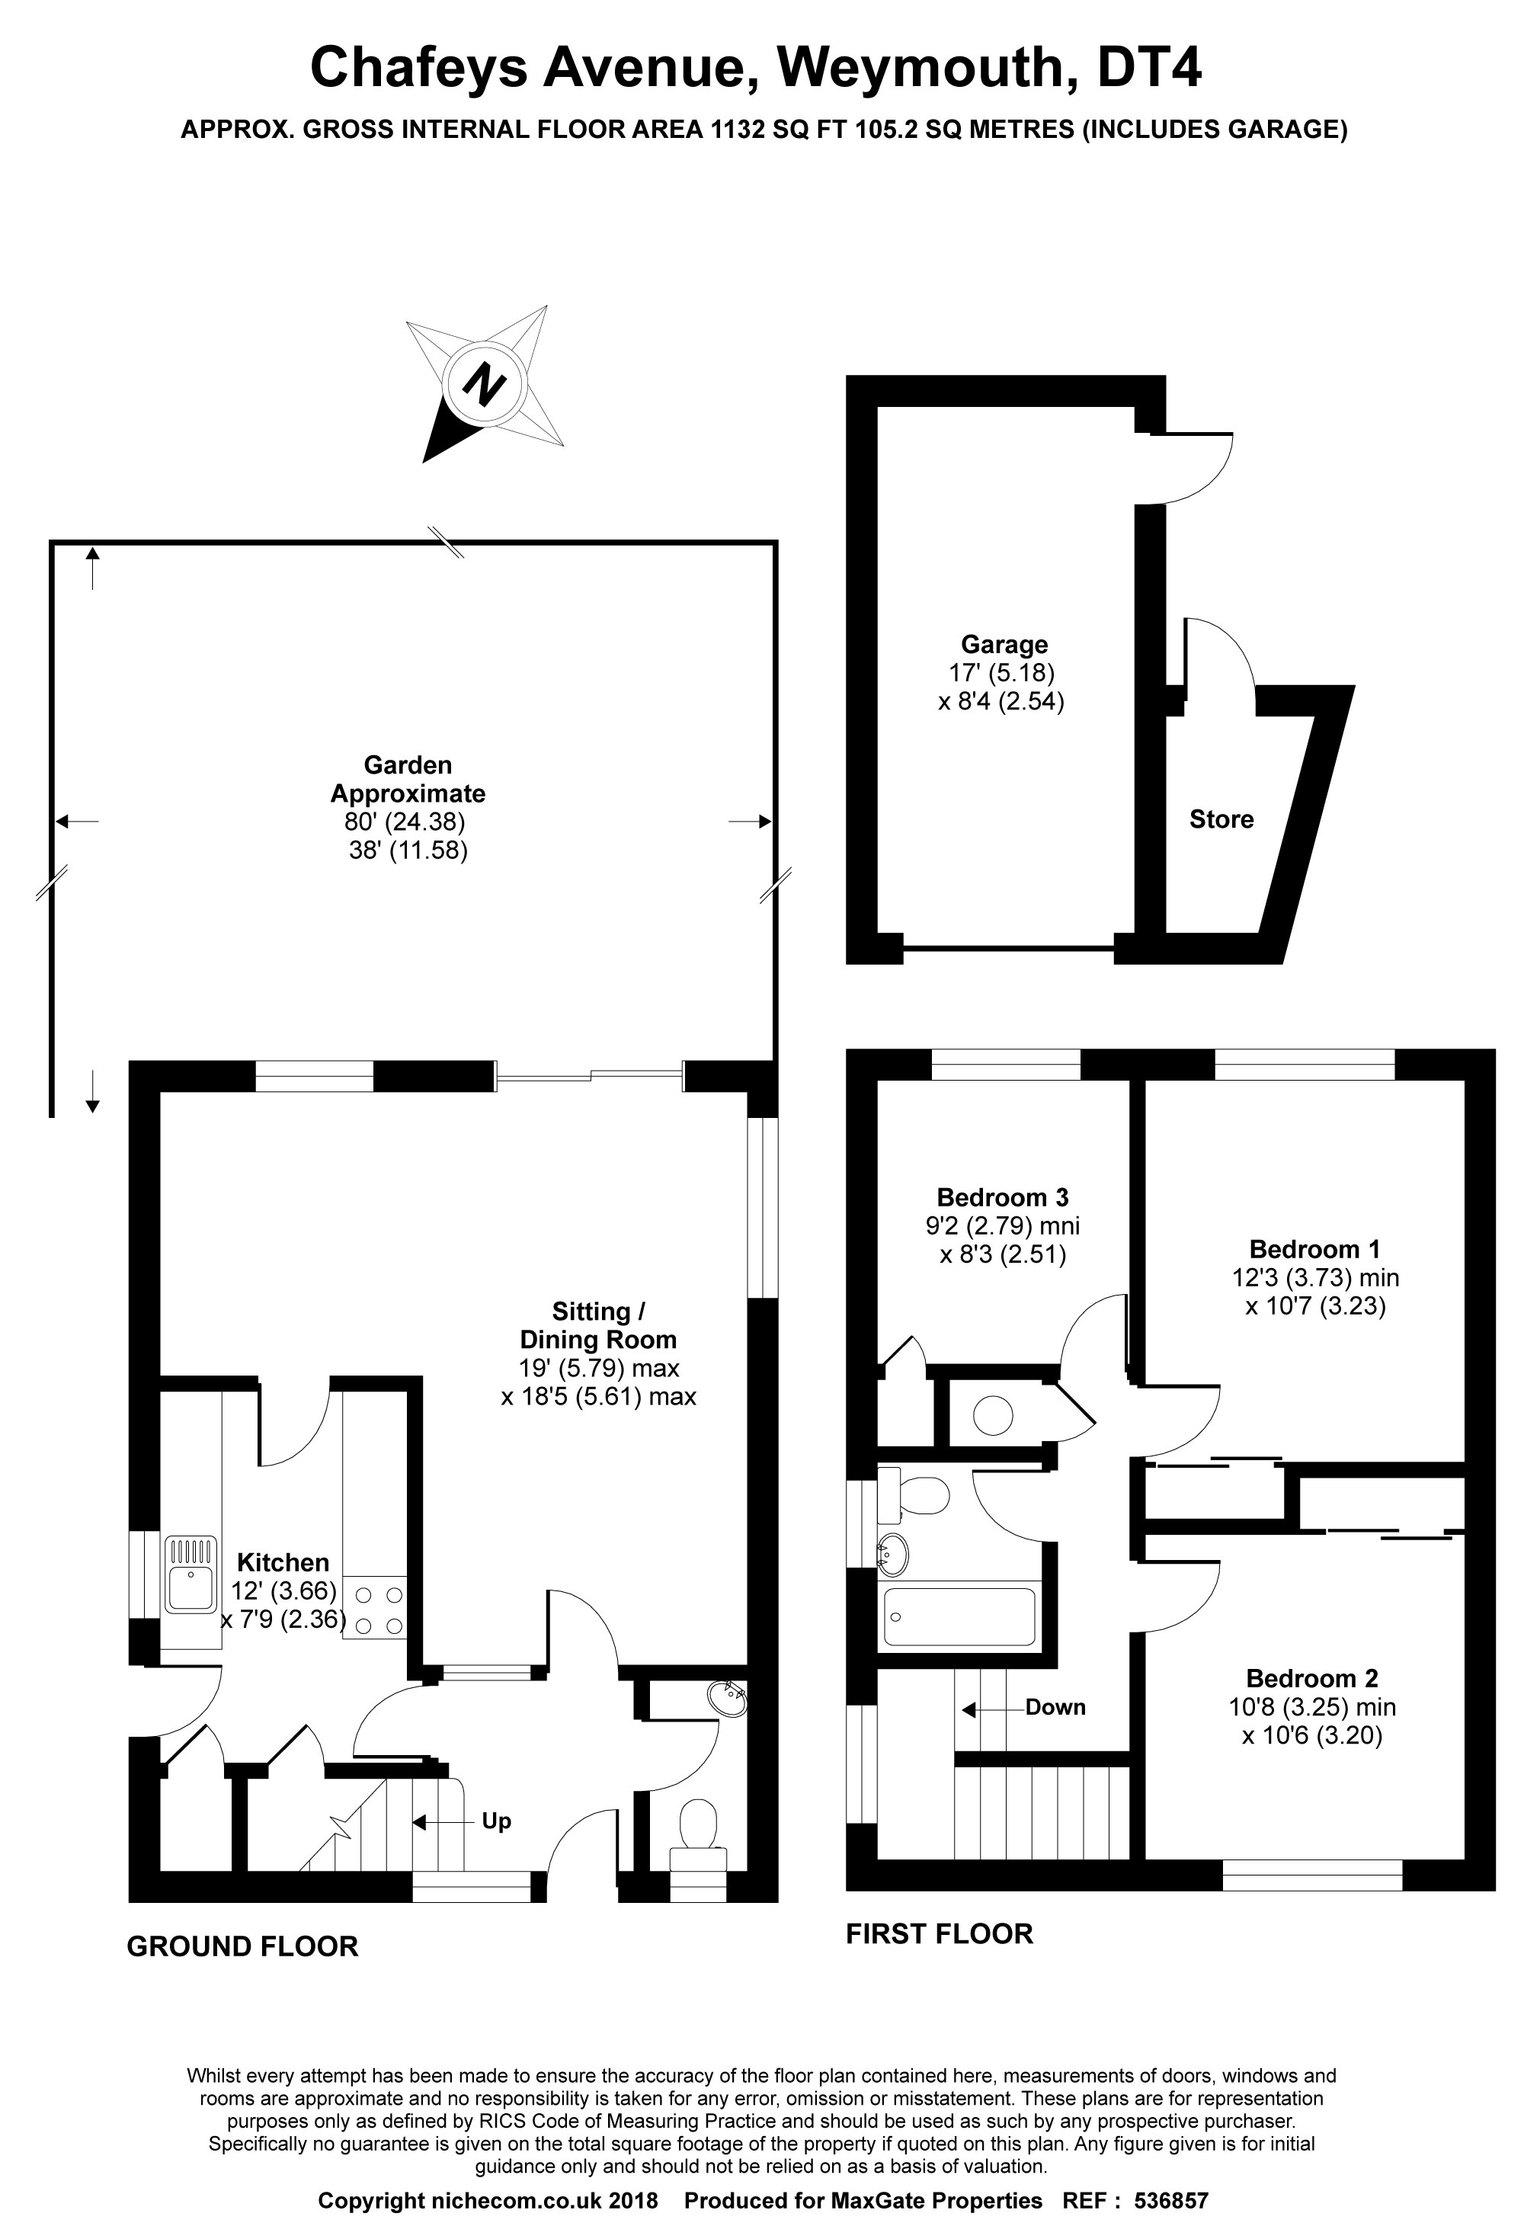 Floorplan for Chafeys Avenue, Weymouth